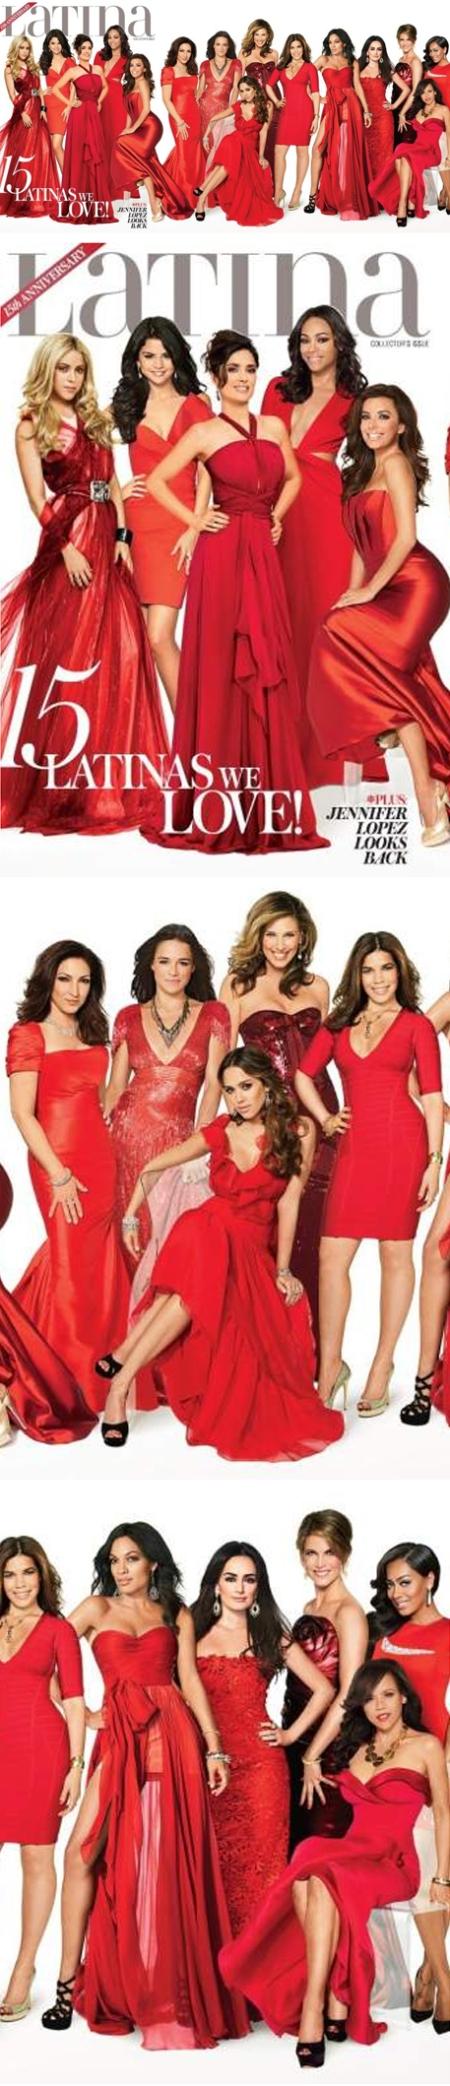 Latina portada, Latina 15 aniversario, Latina cover, Latina 15 years, Latina retoque photoshop, katarama, katanga73, katanga73.wordpress.com